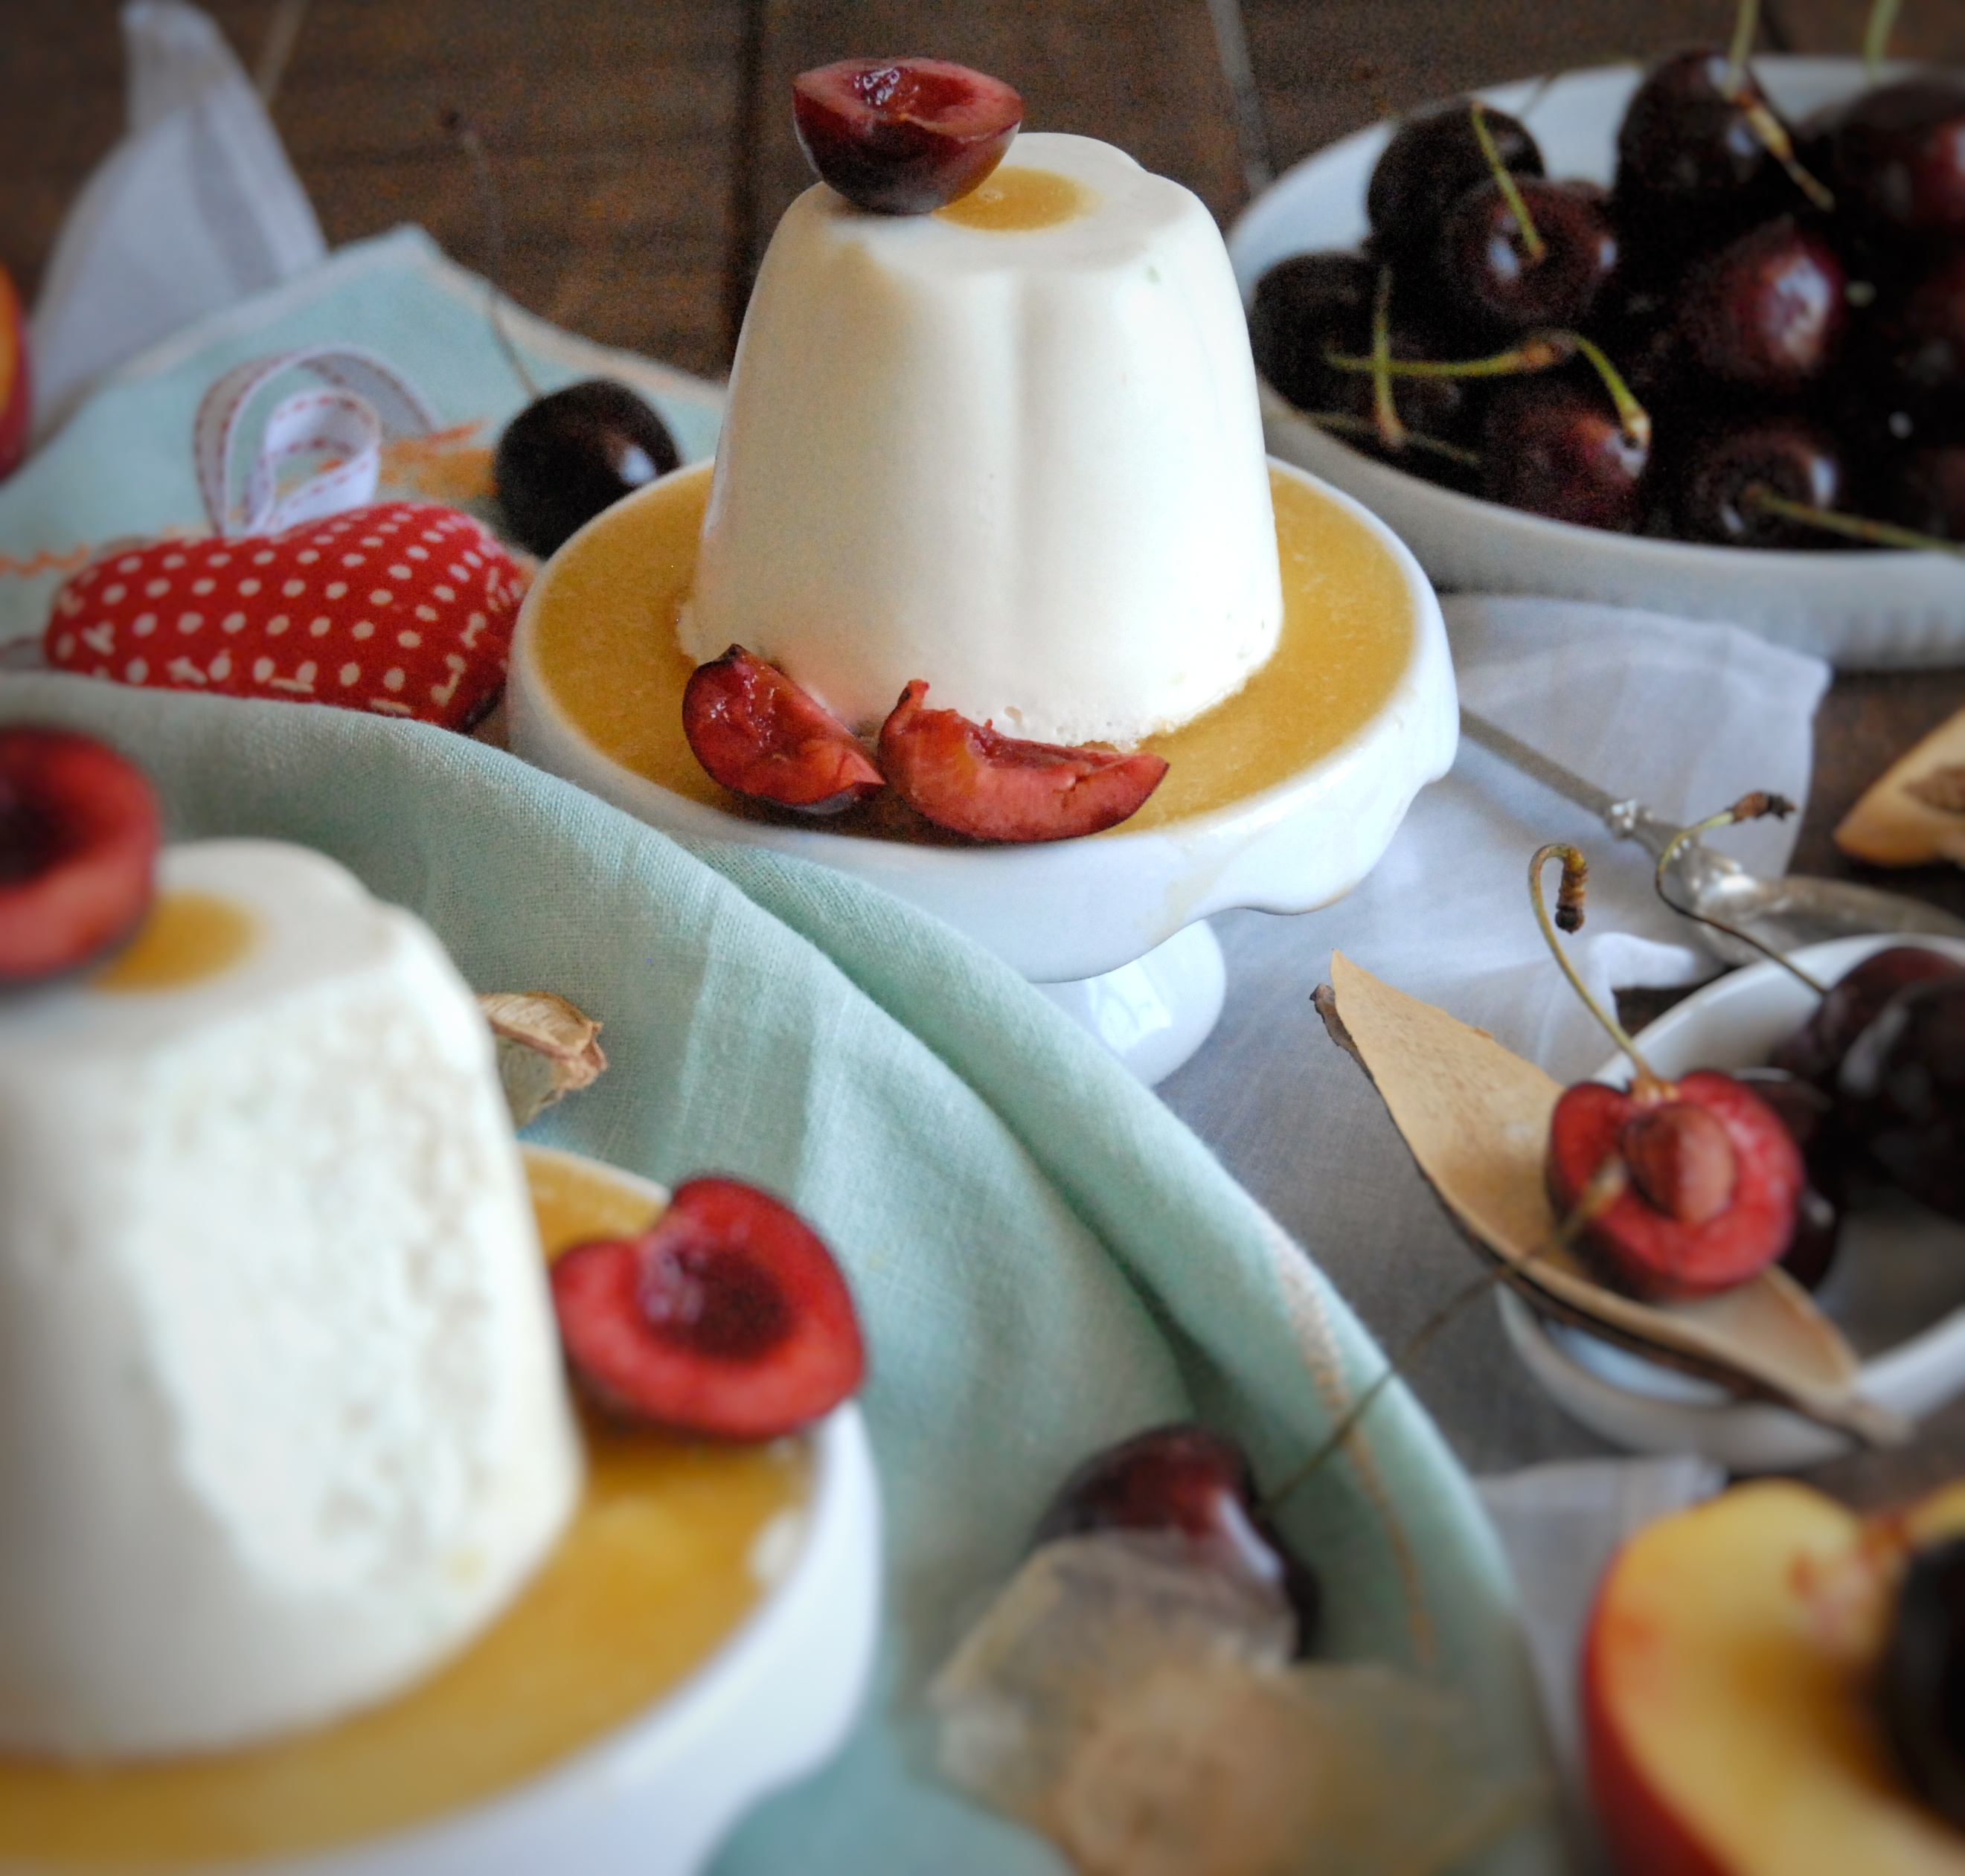 Mousse al cioccolato bianco con salsa di pesche e ciliegie fresche